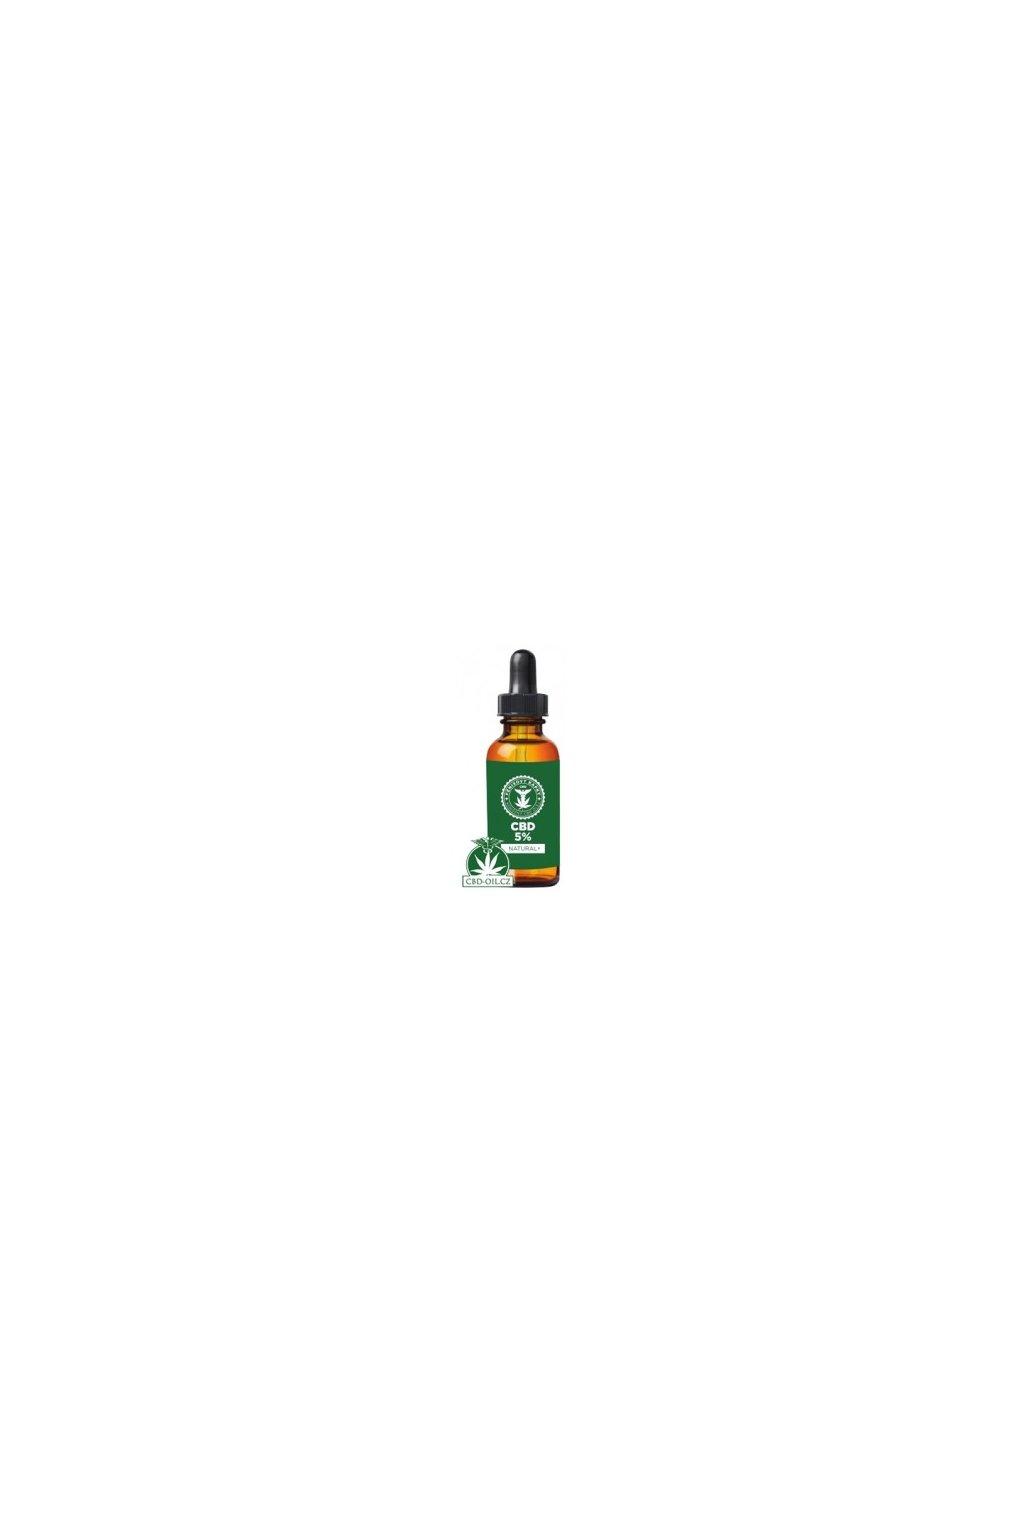 fenixovy kapky cbd olej 5 natural (1)